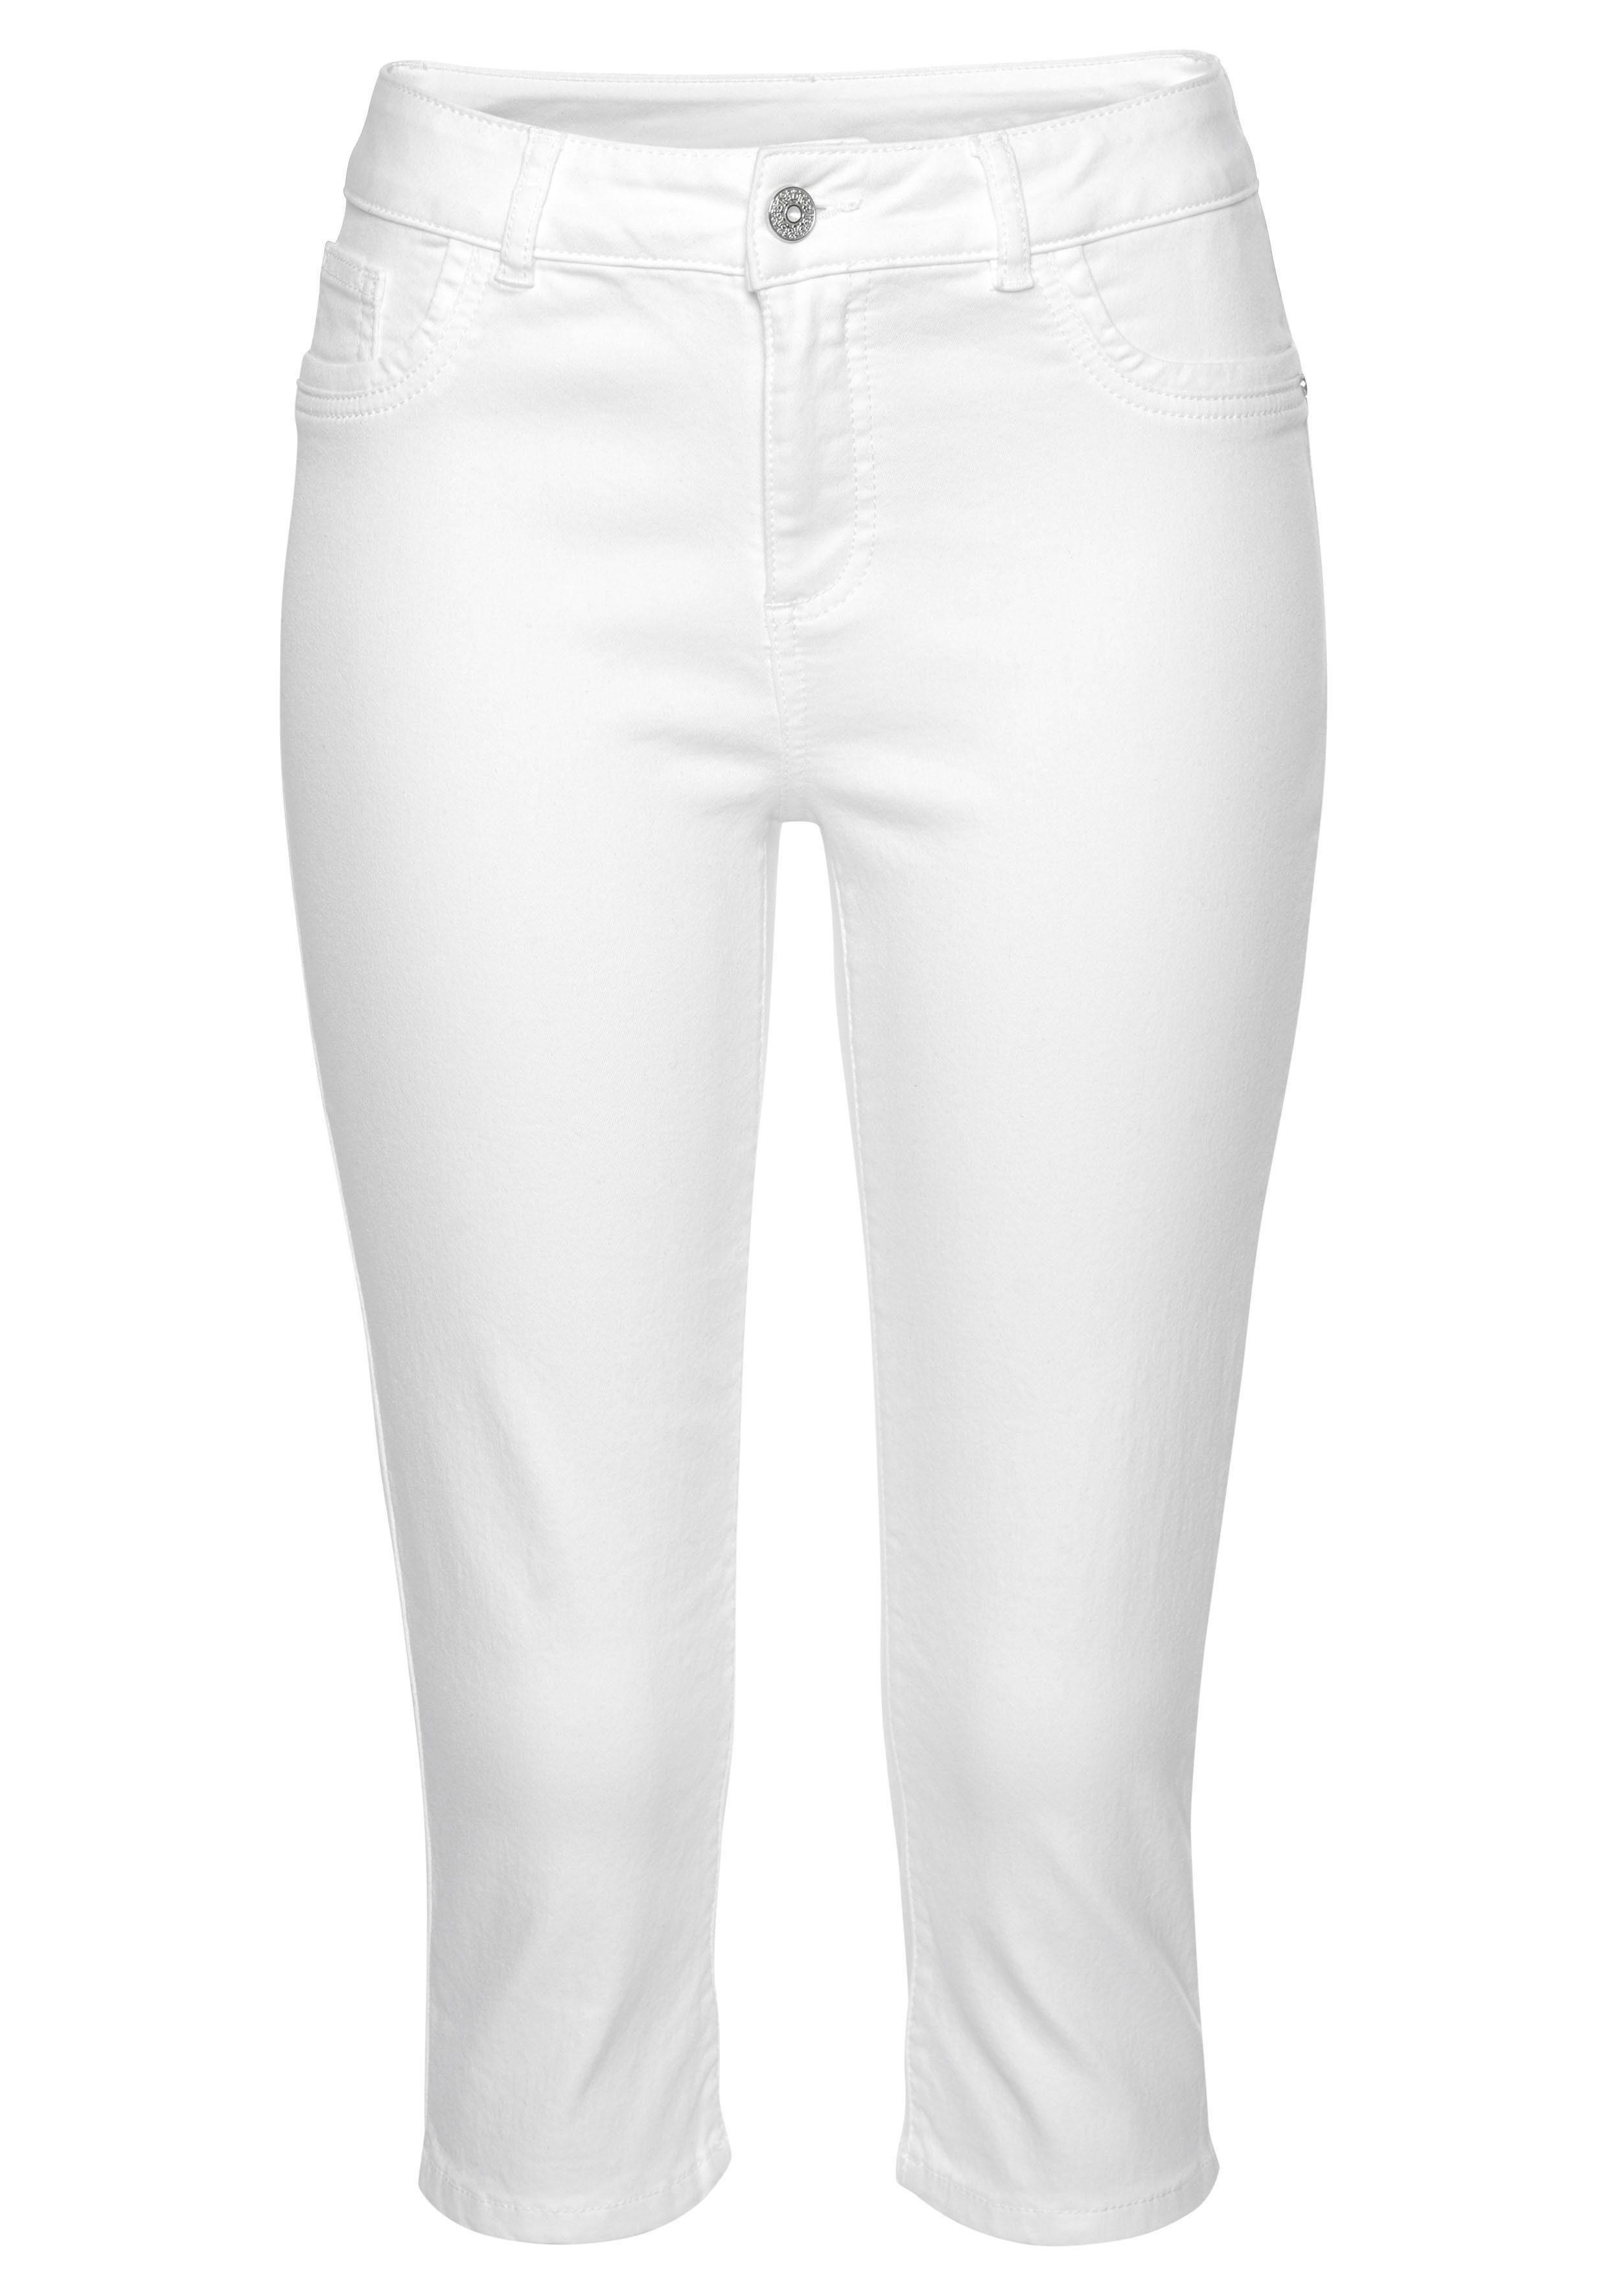 Witte Broeken online kopen | Bekijk de collectie | OTTO